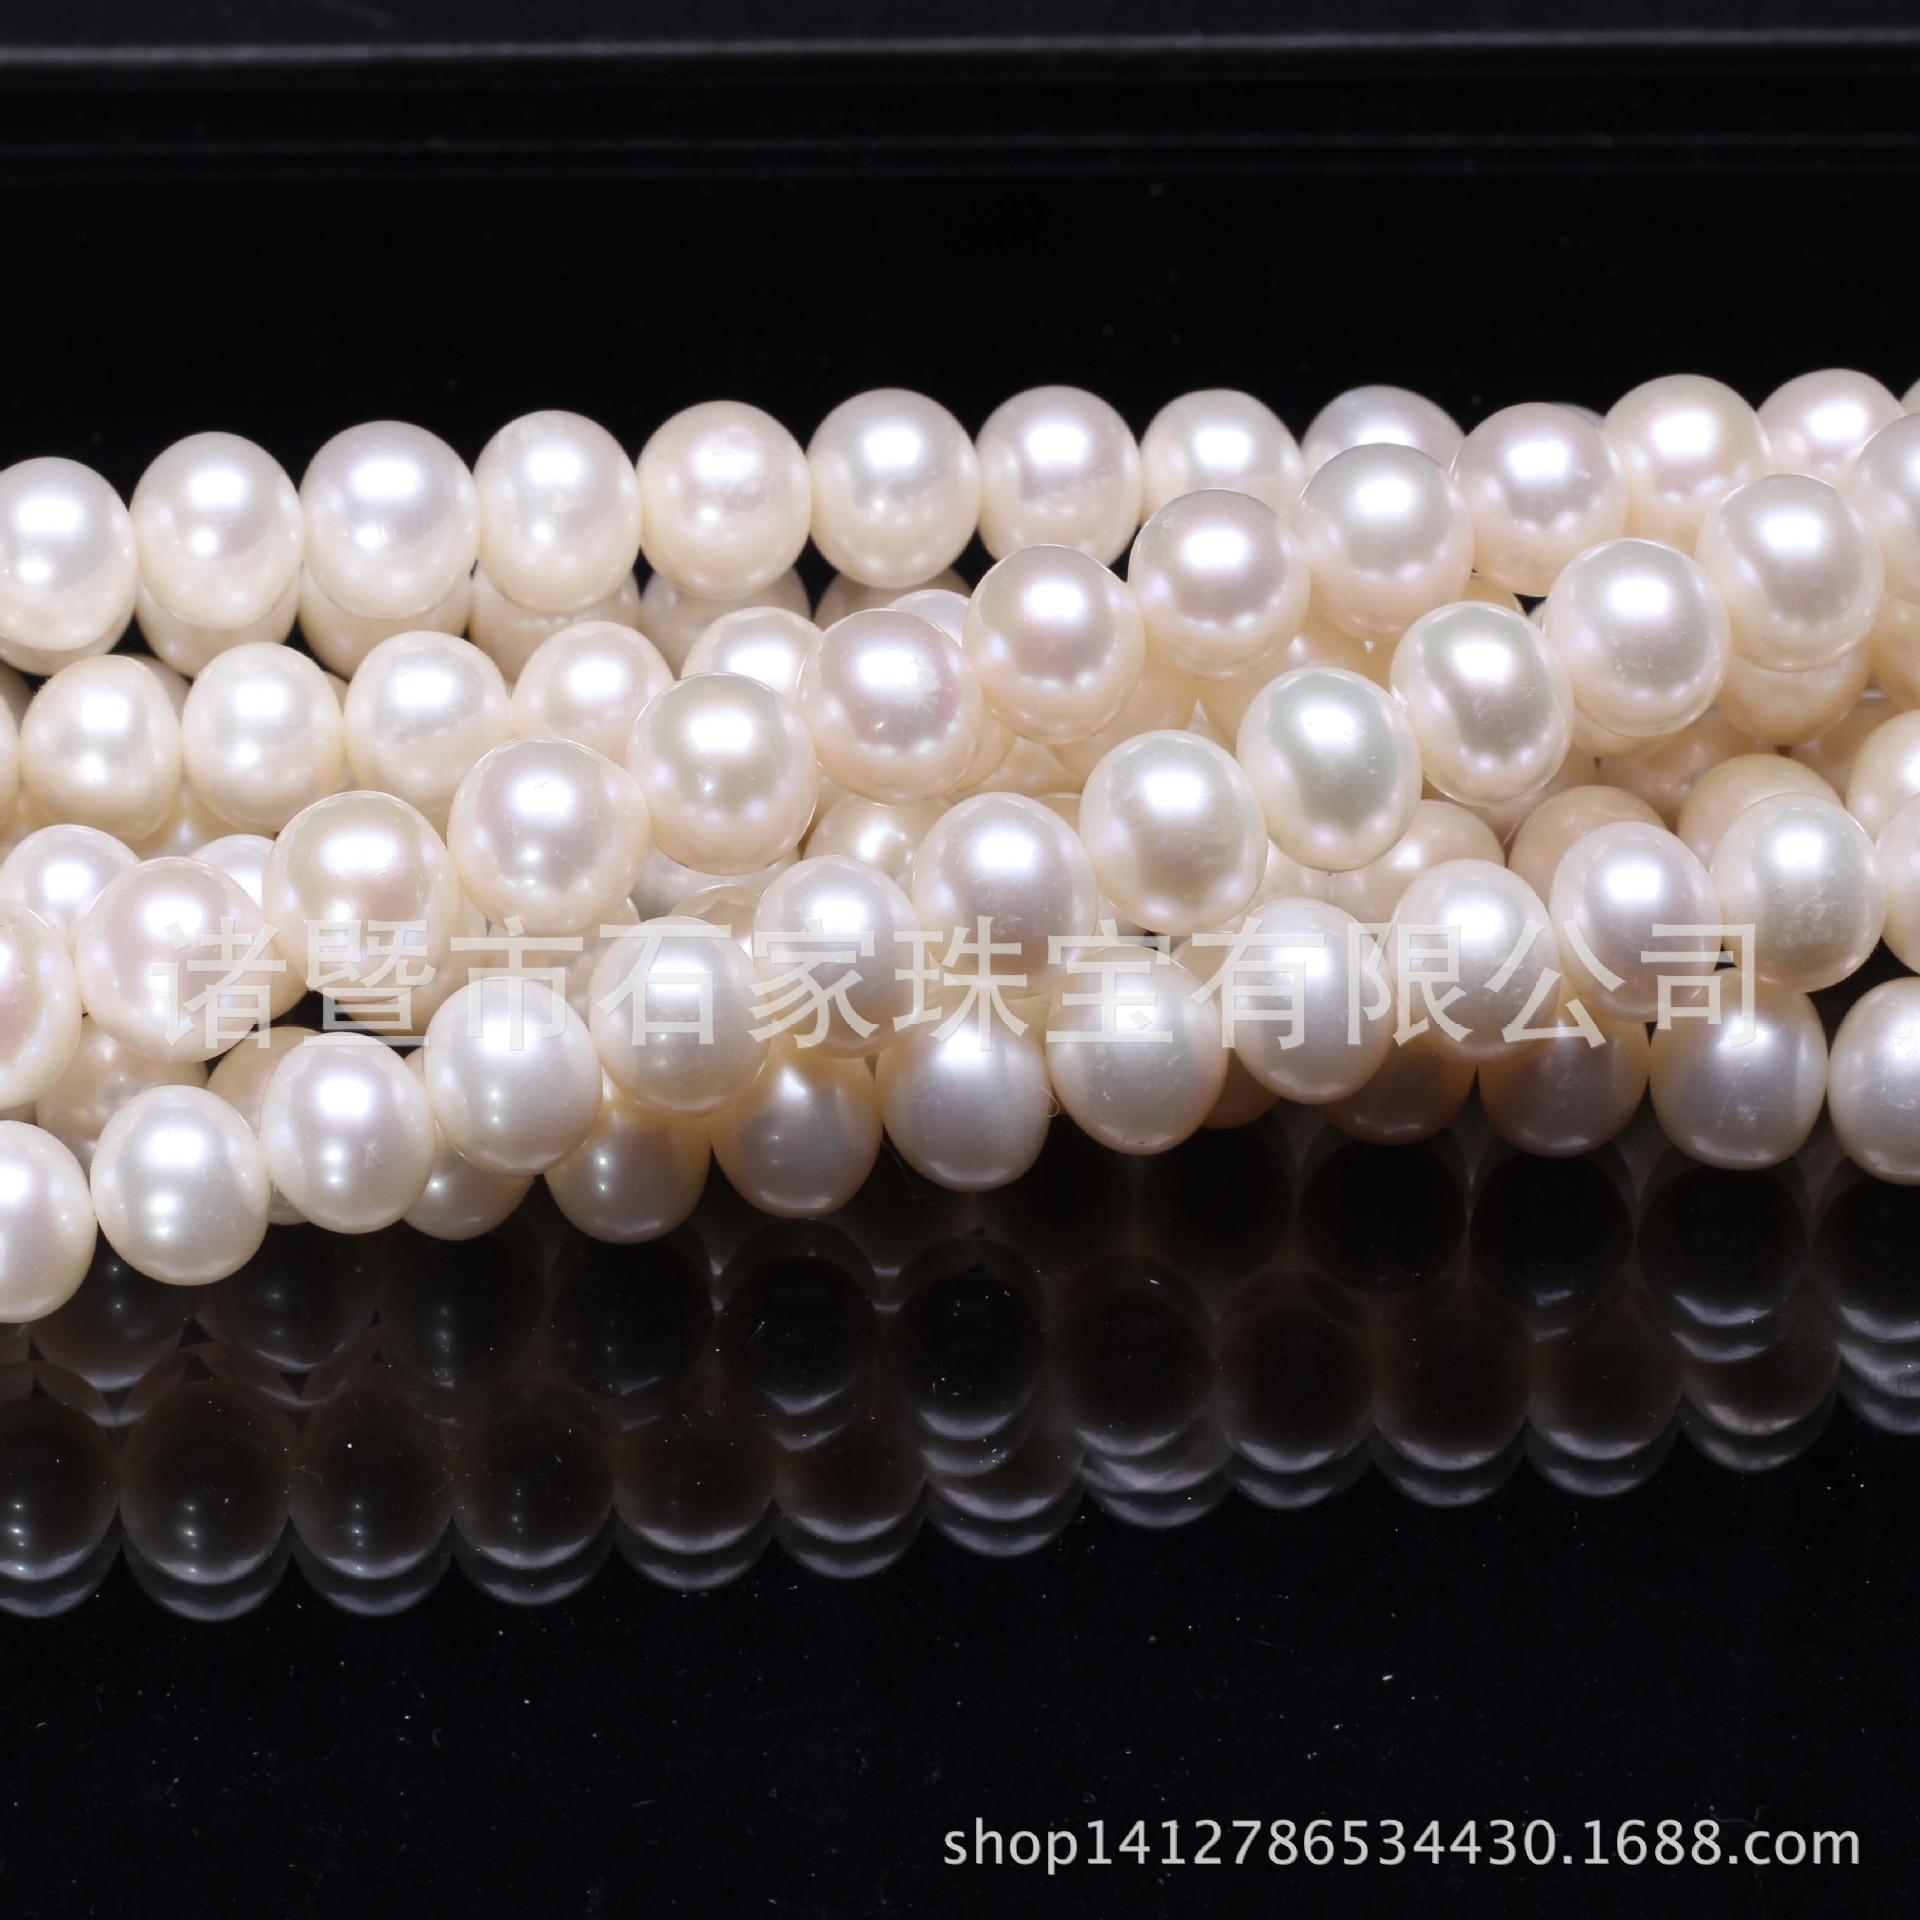 石家珠宝天然淡水珍珠11-12mm四面光 AAAA细小微瑕半成品珍珠项链